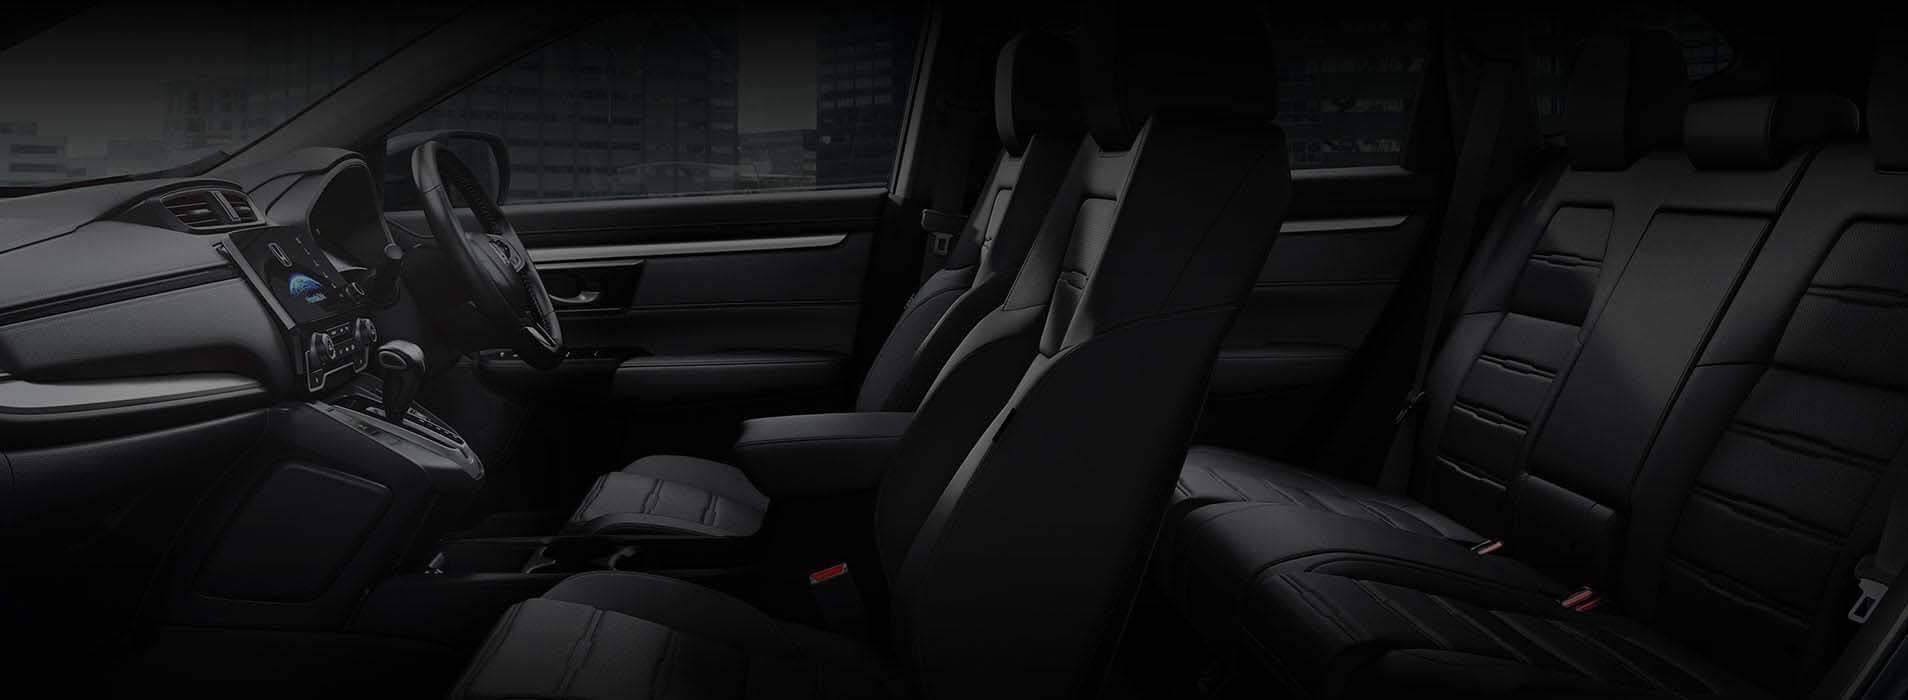 CR-V Safety